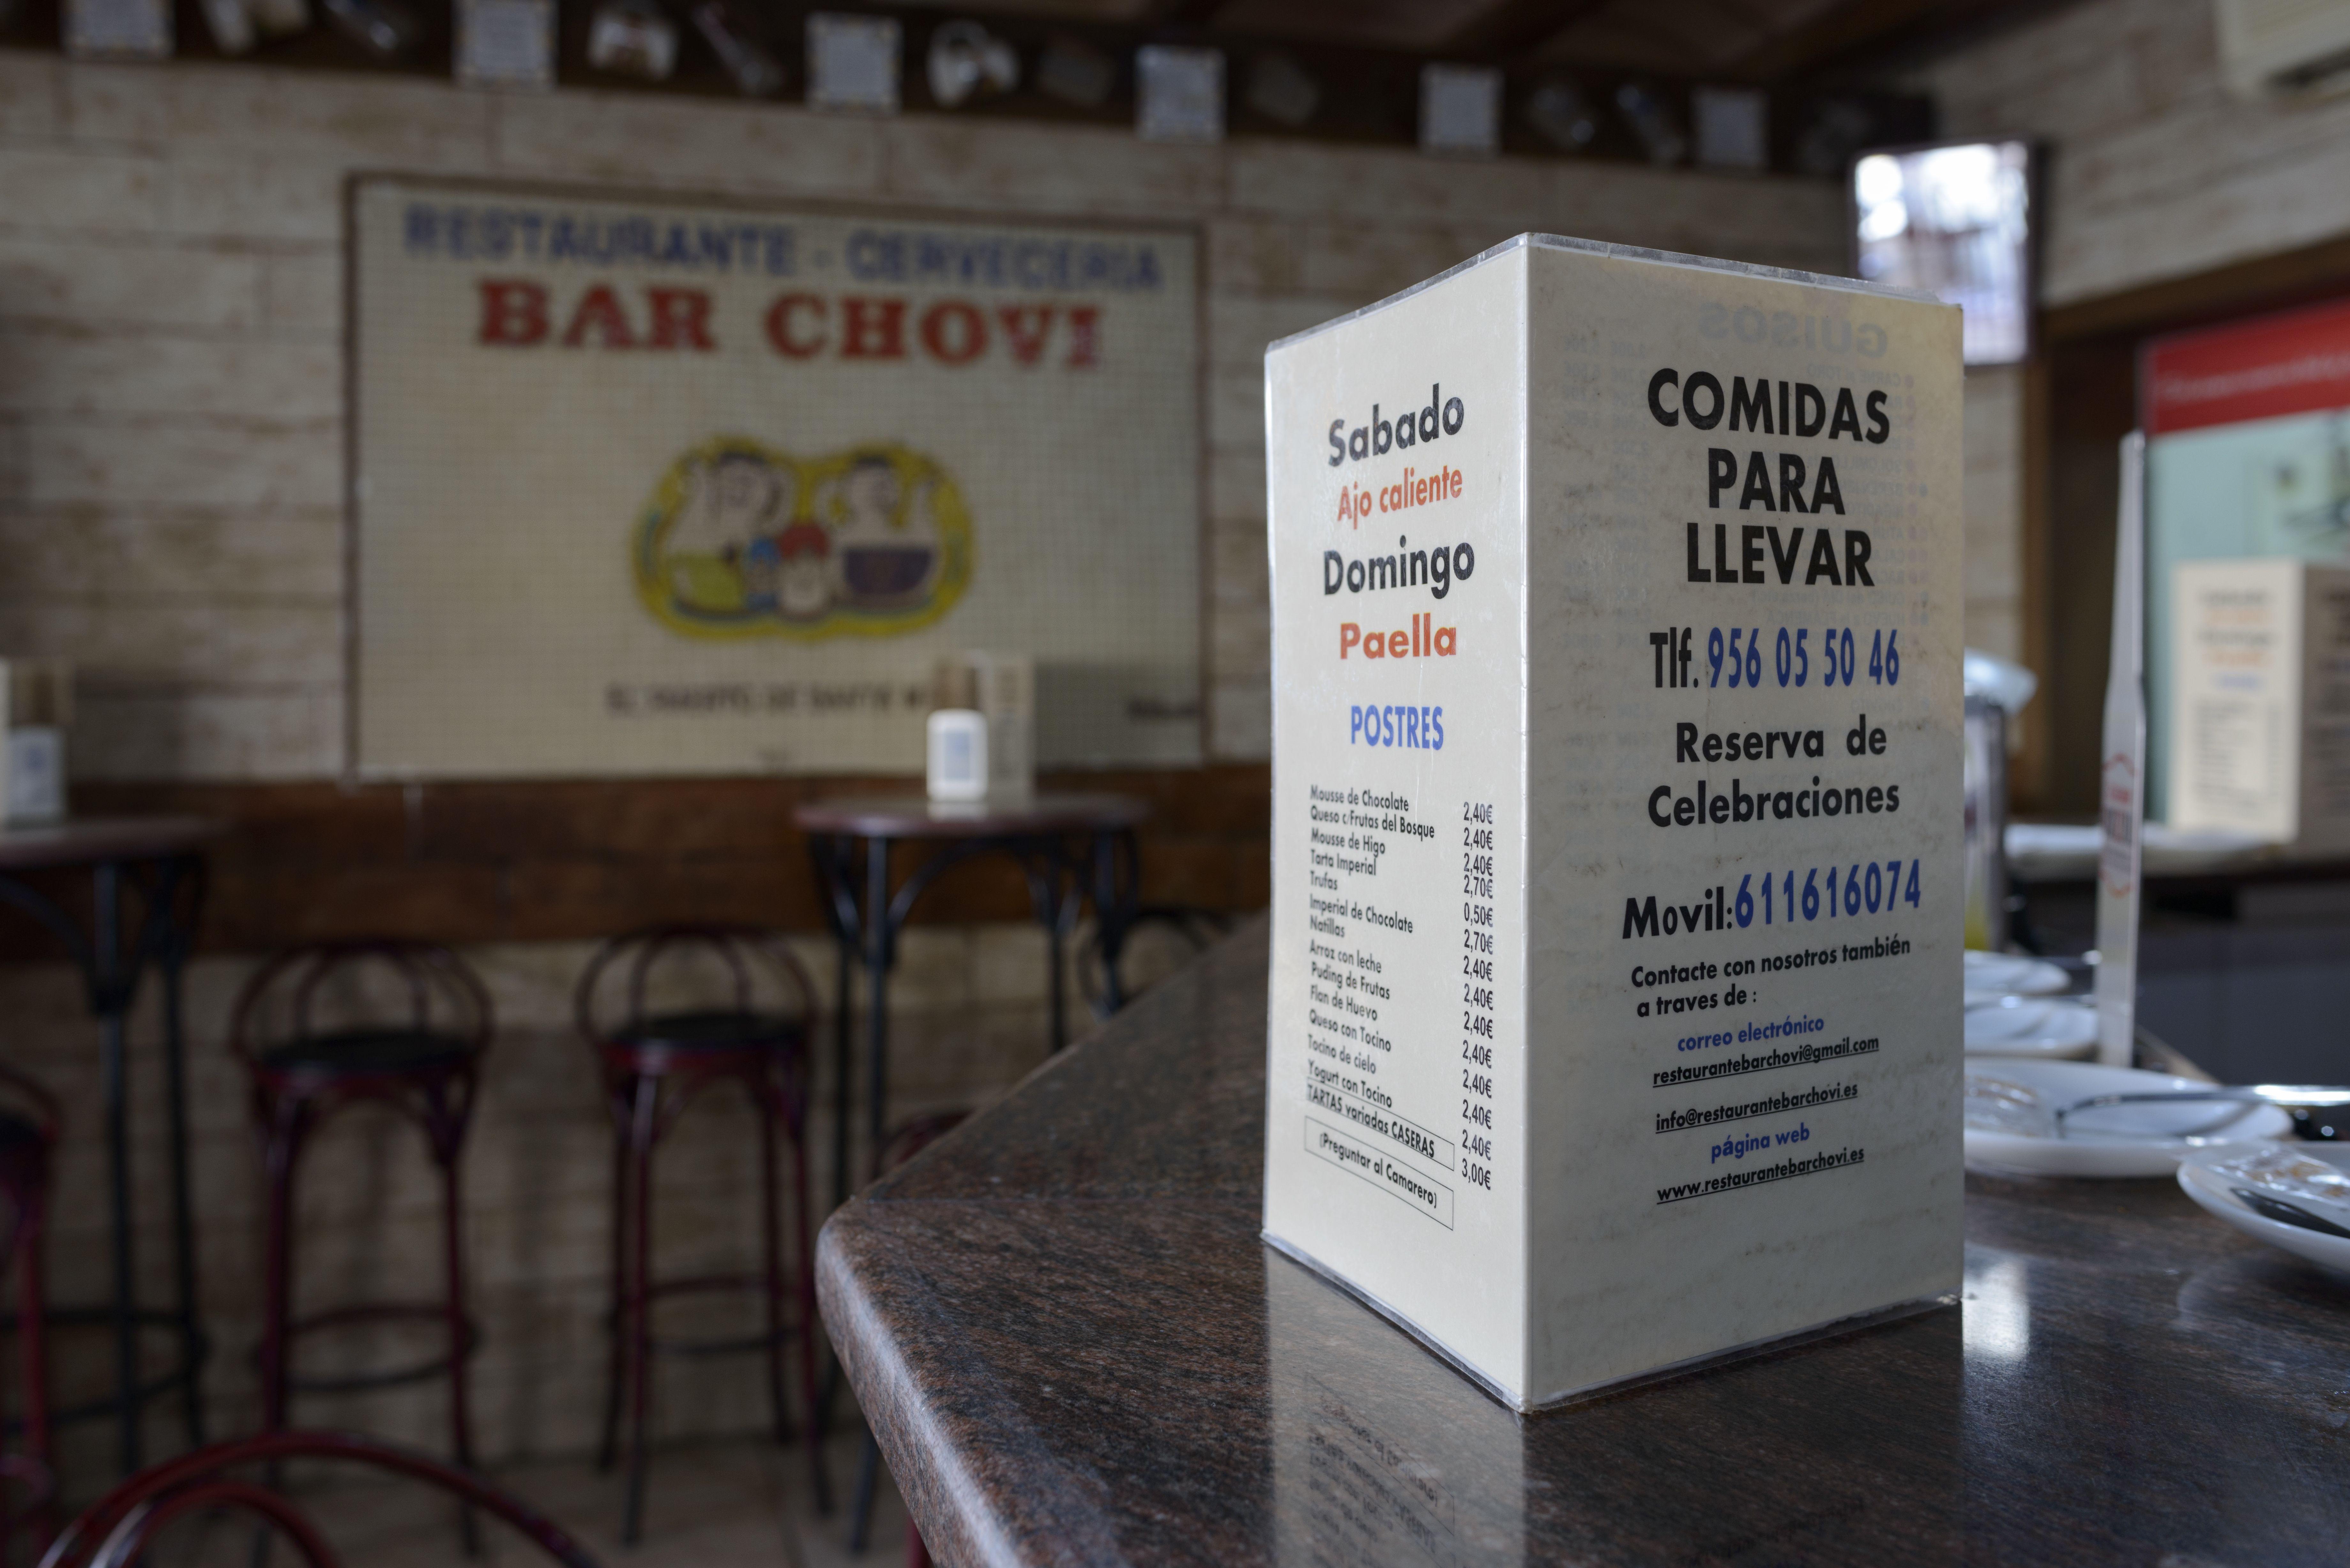 Foto 3 de Cocina andaluza en El Puerto de Santa María | Restaurante Bar Chovi